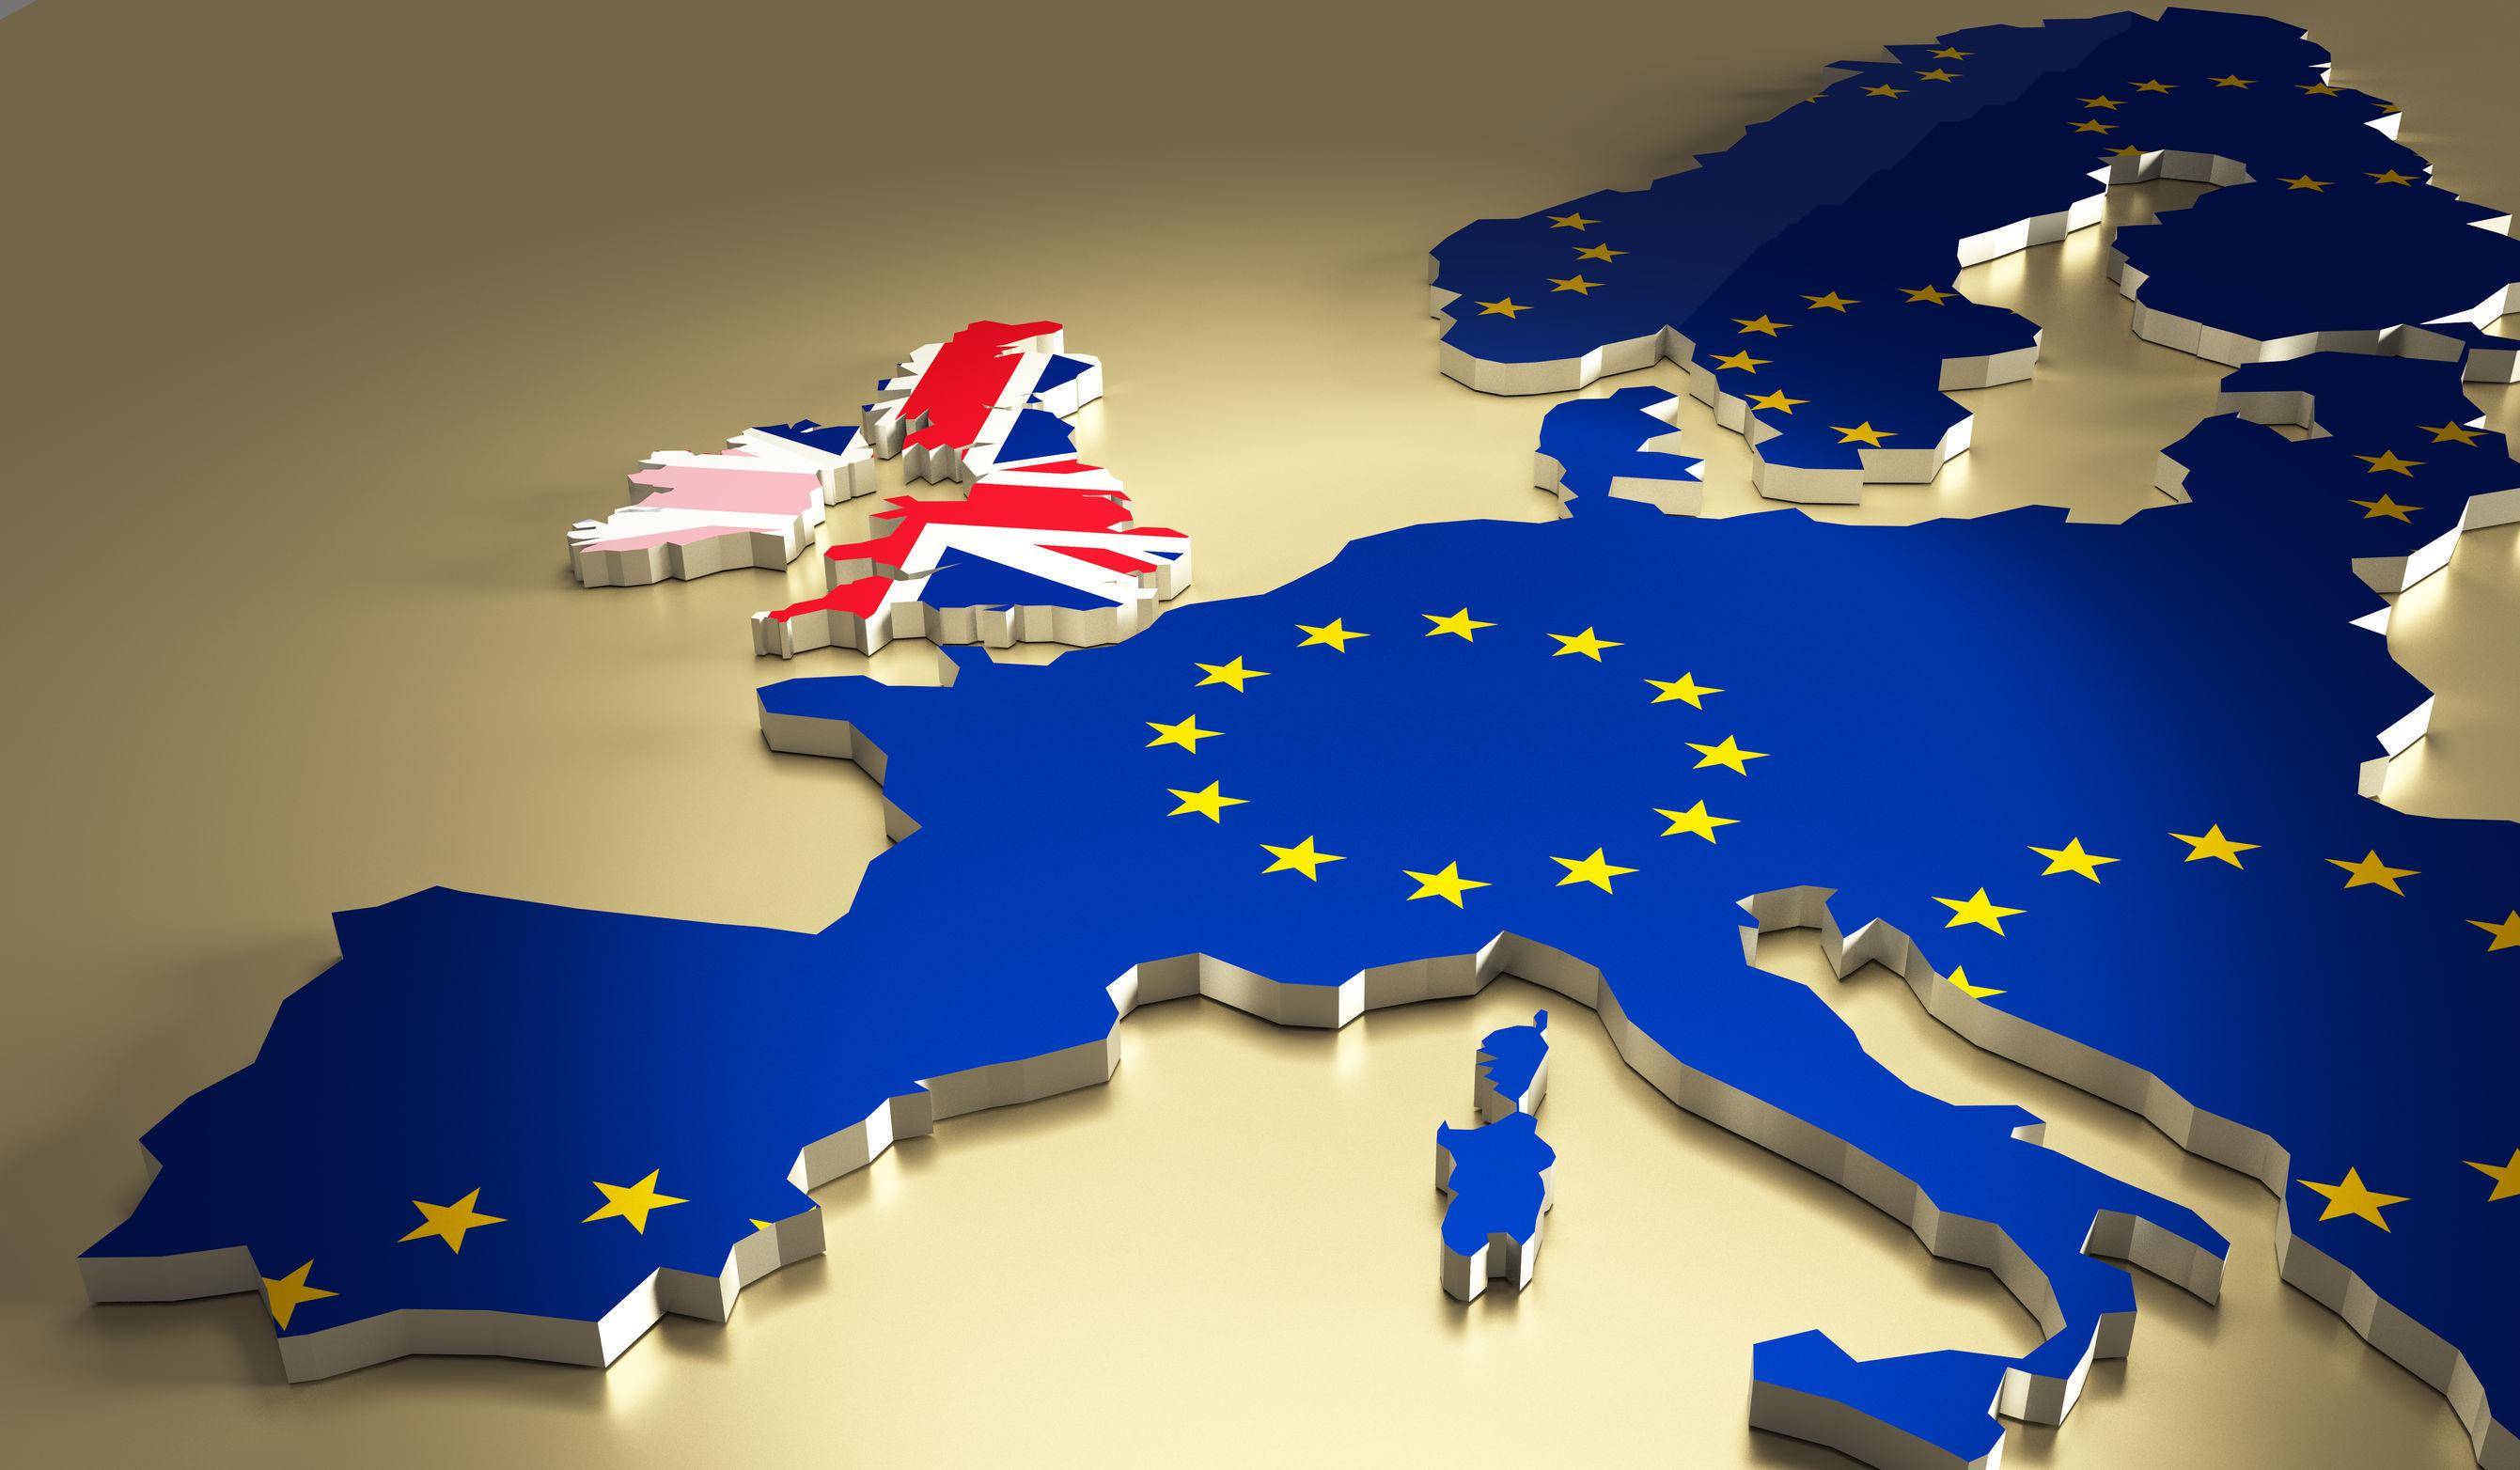 Încep negocierile dintre Uniunea Europeană şi Marea Britanie pentru Brexit